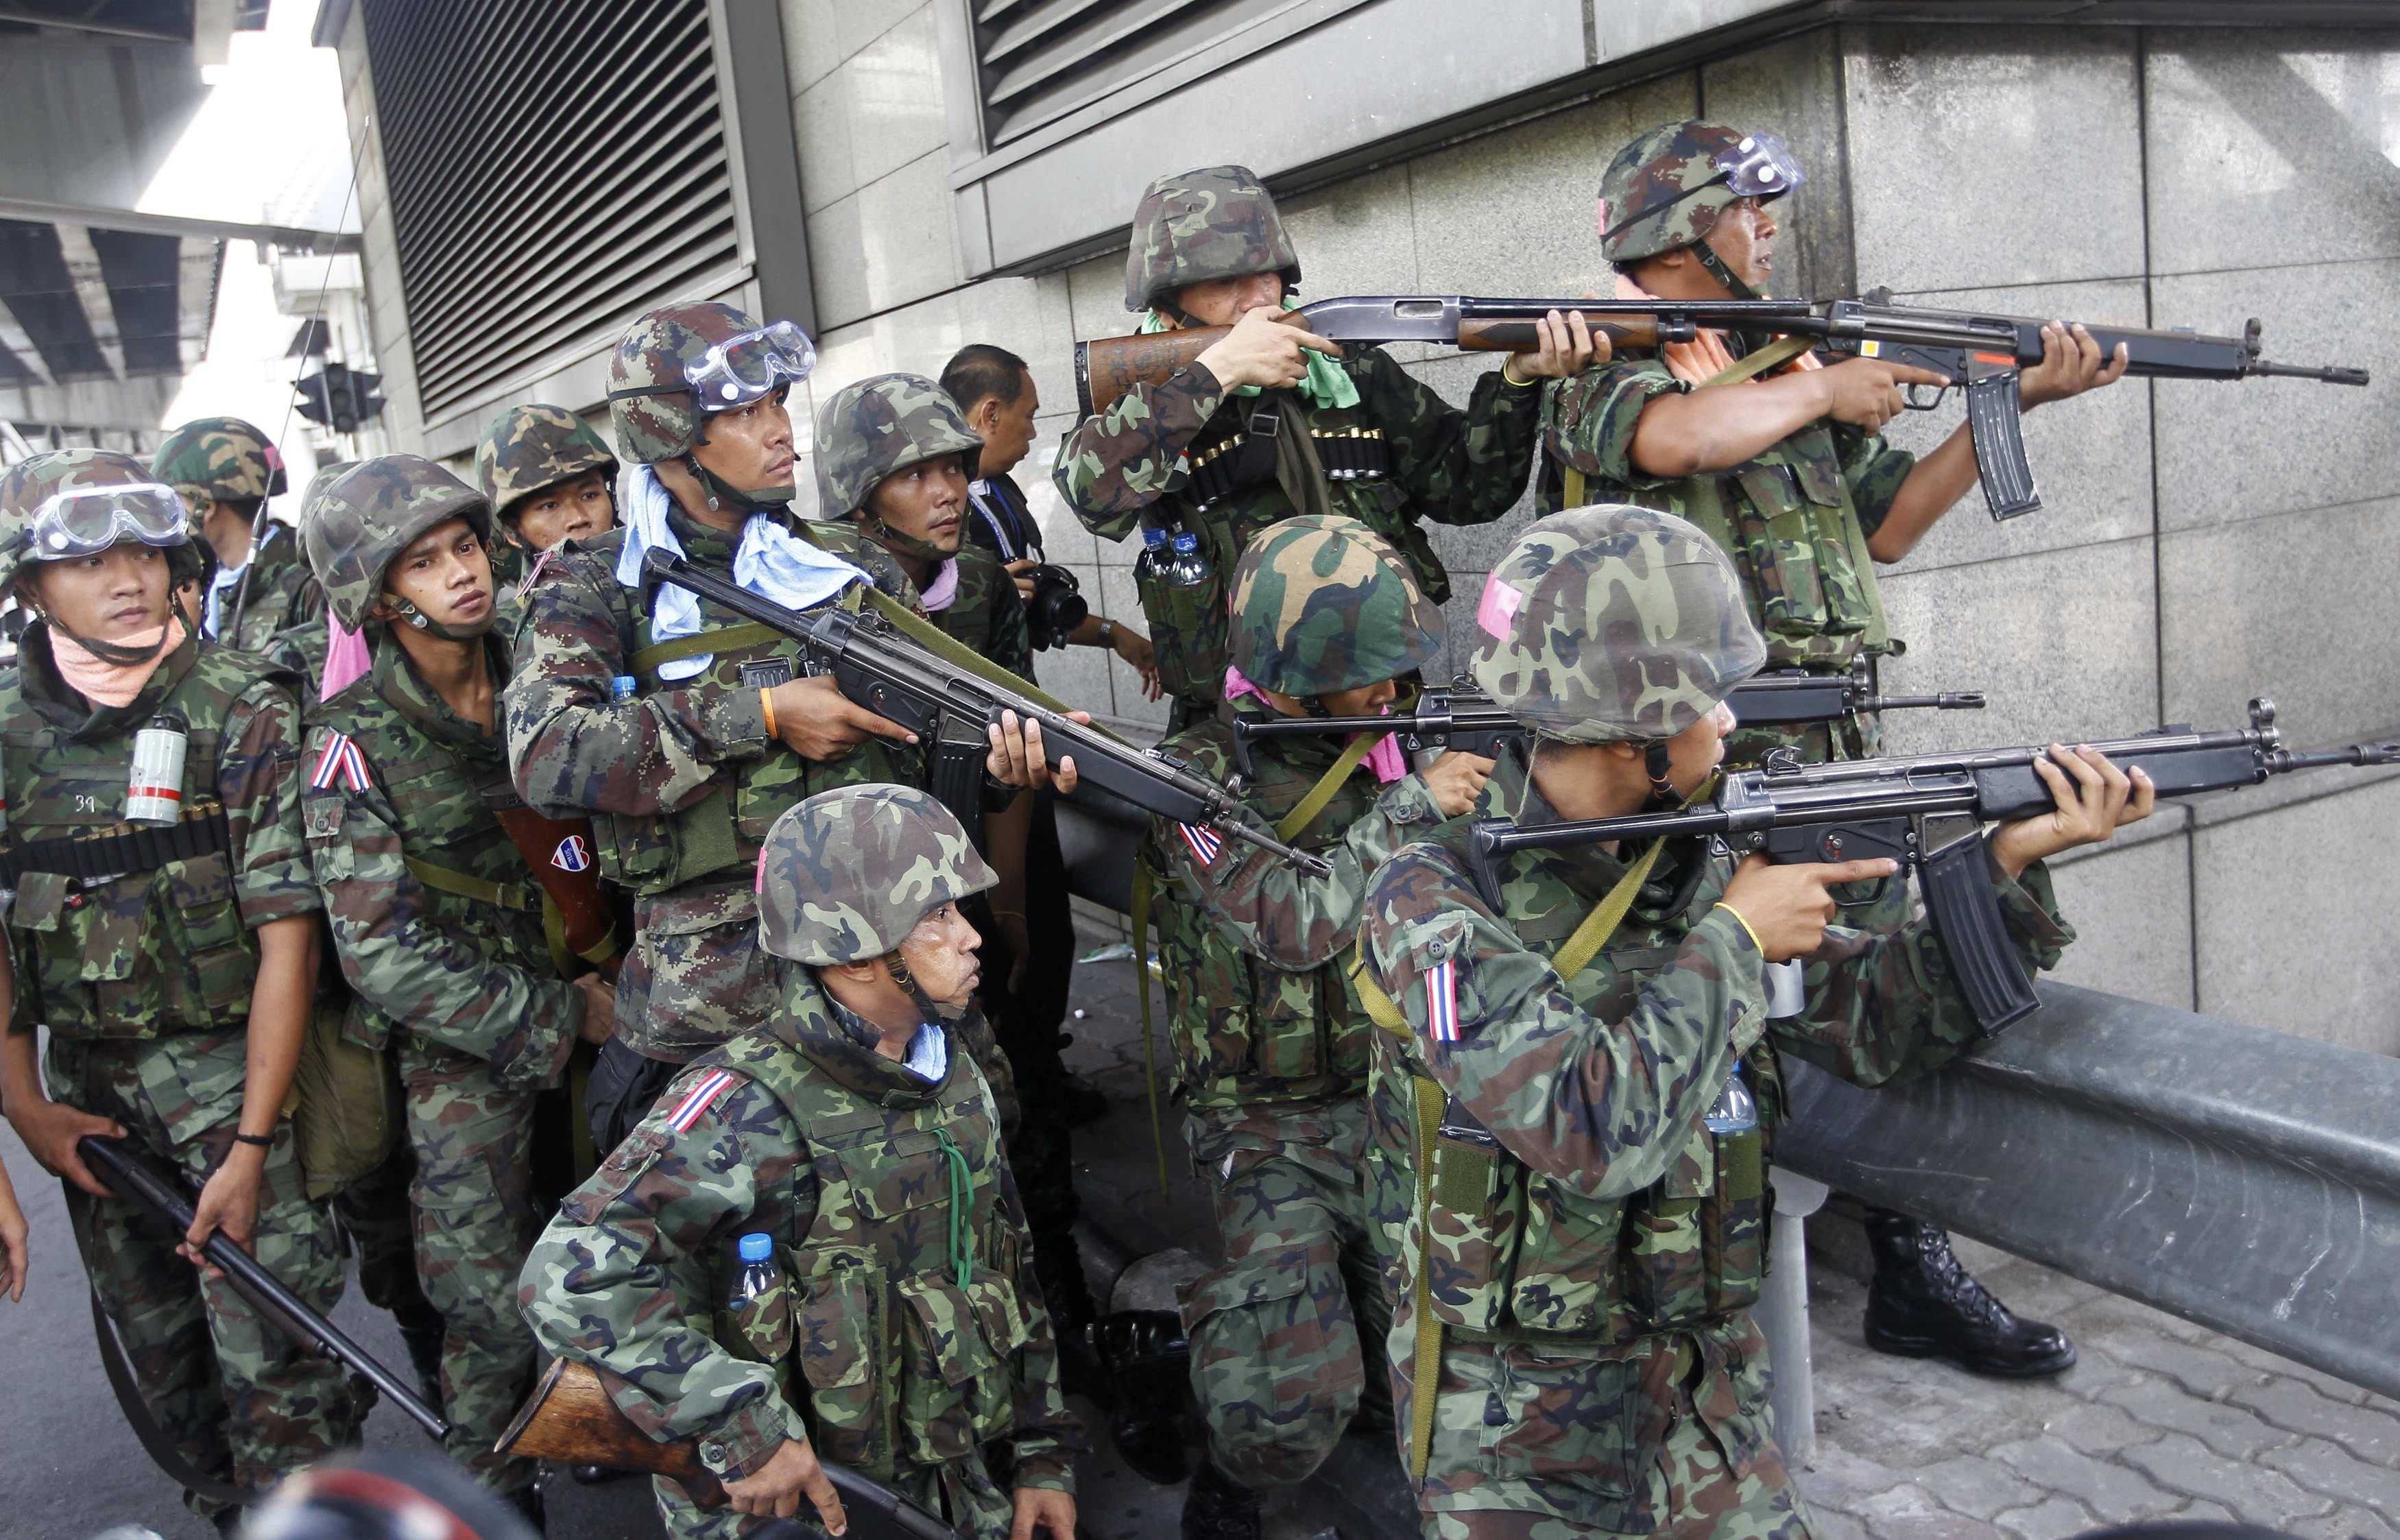 Тайские военные готовятся к штурму лагеря краснорубашечников в Бангкоке